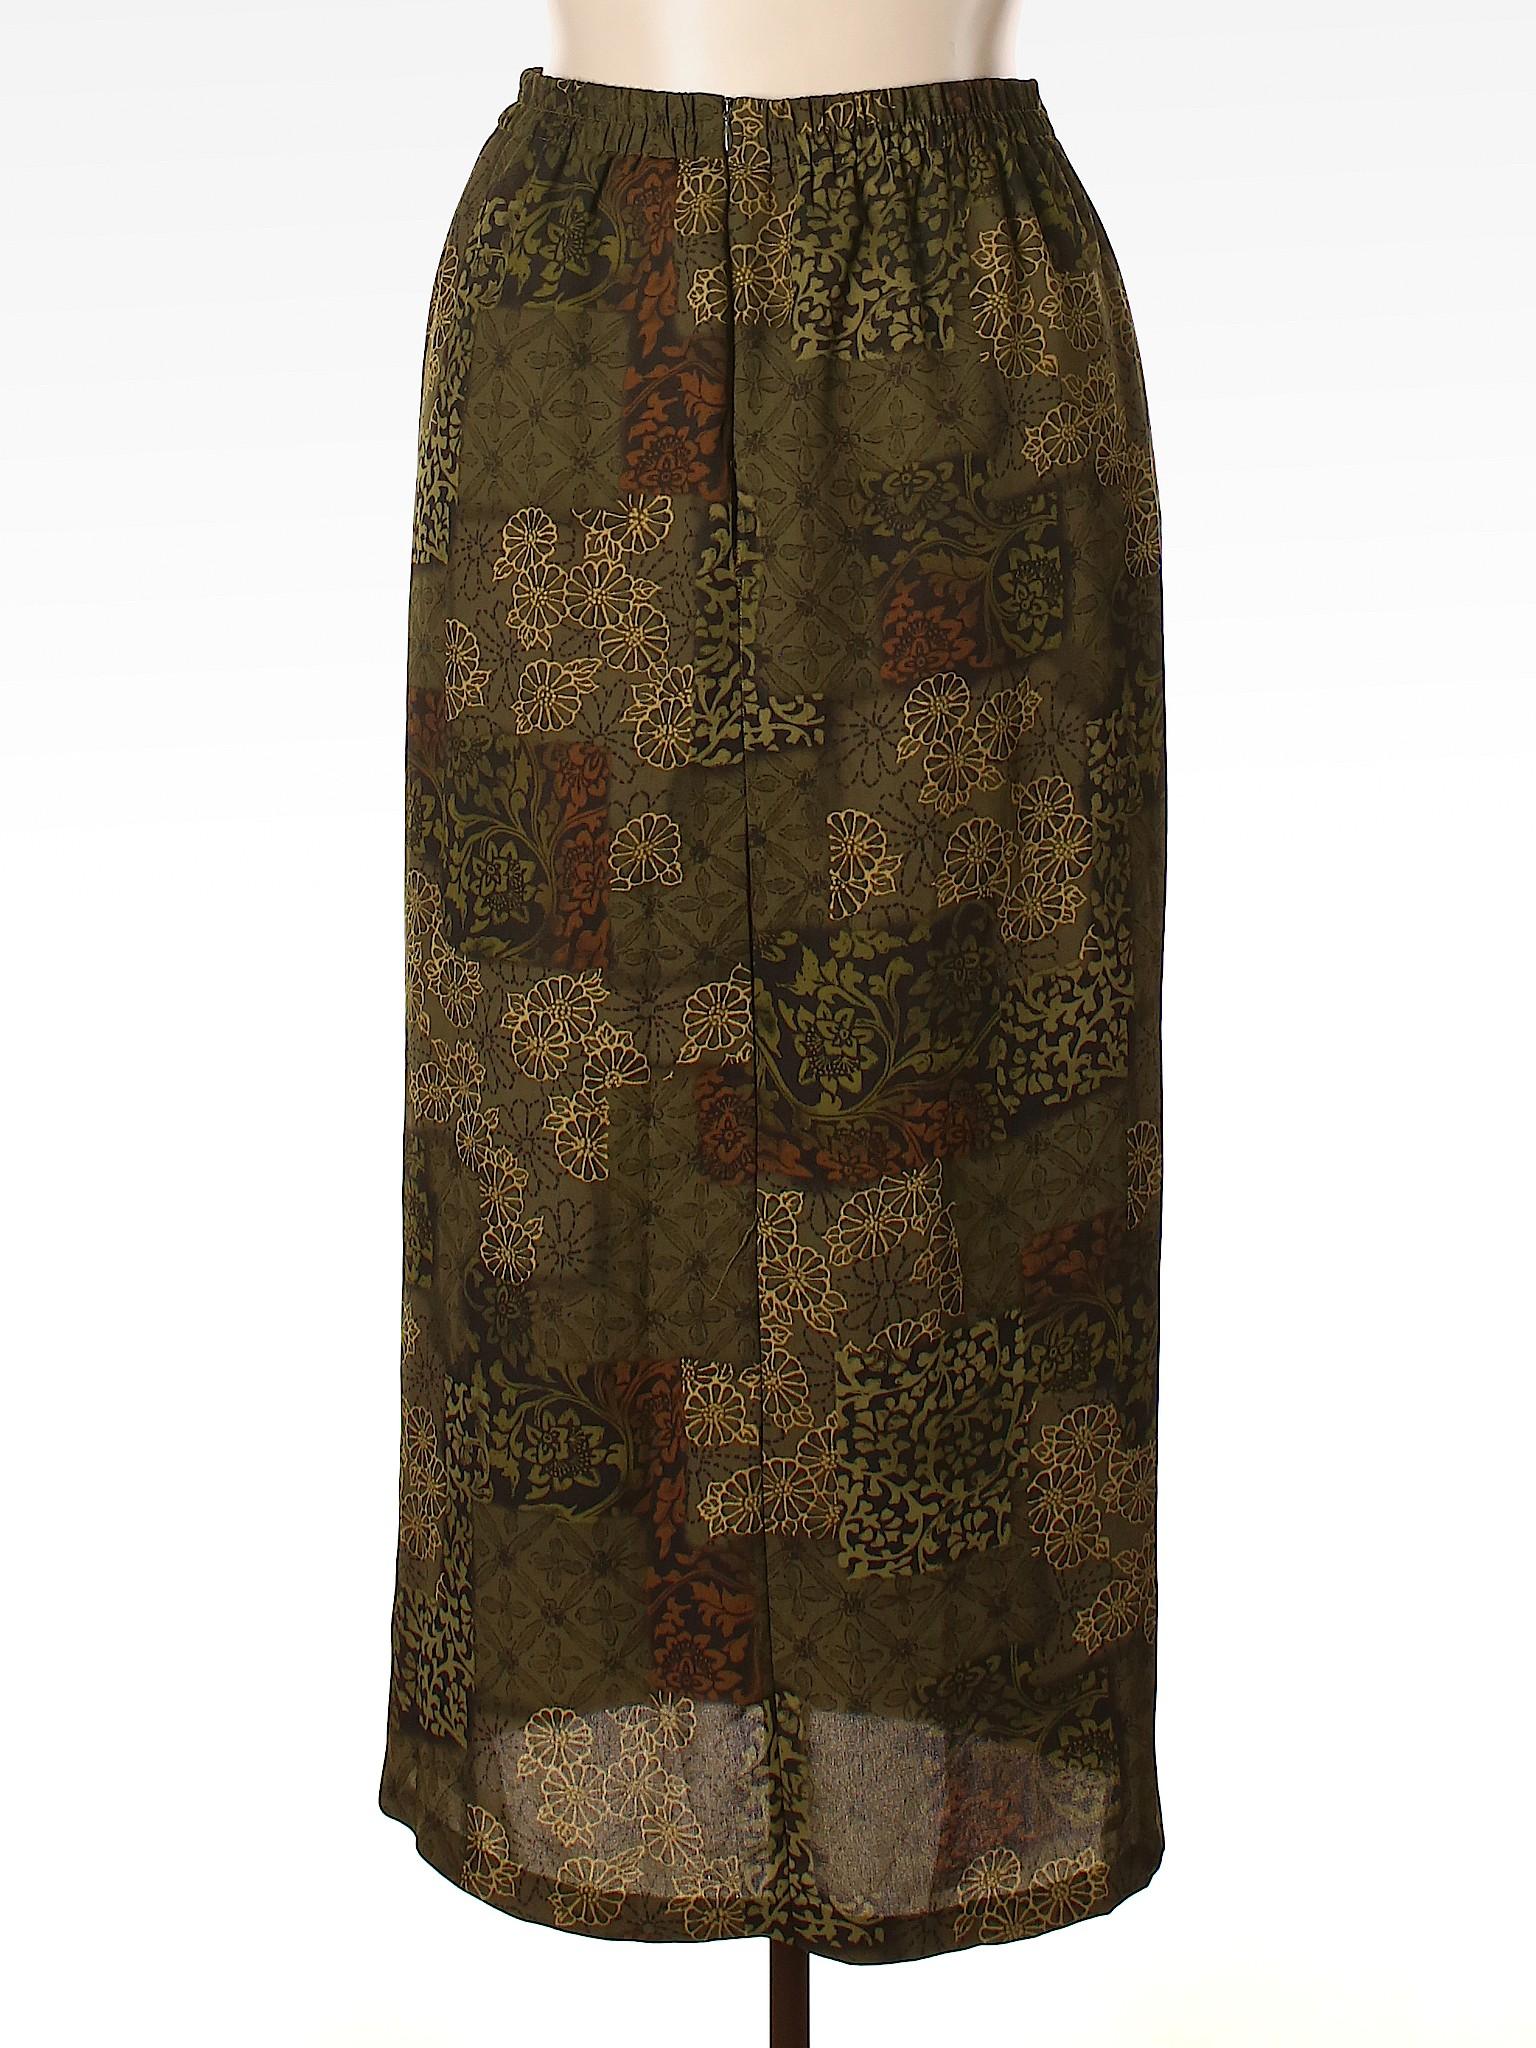 Boutique R Skirt amp;K Casual Originals rrW6wdOq7